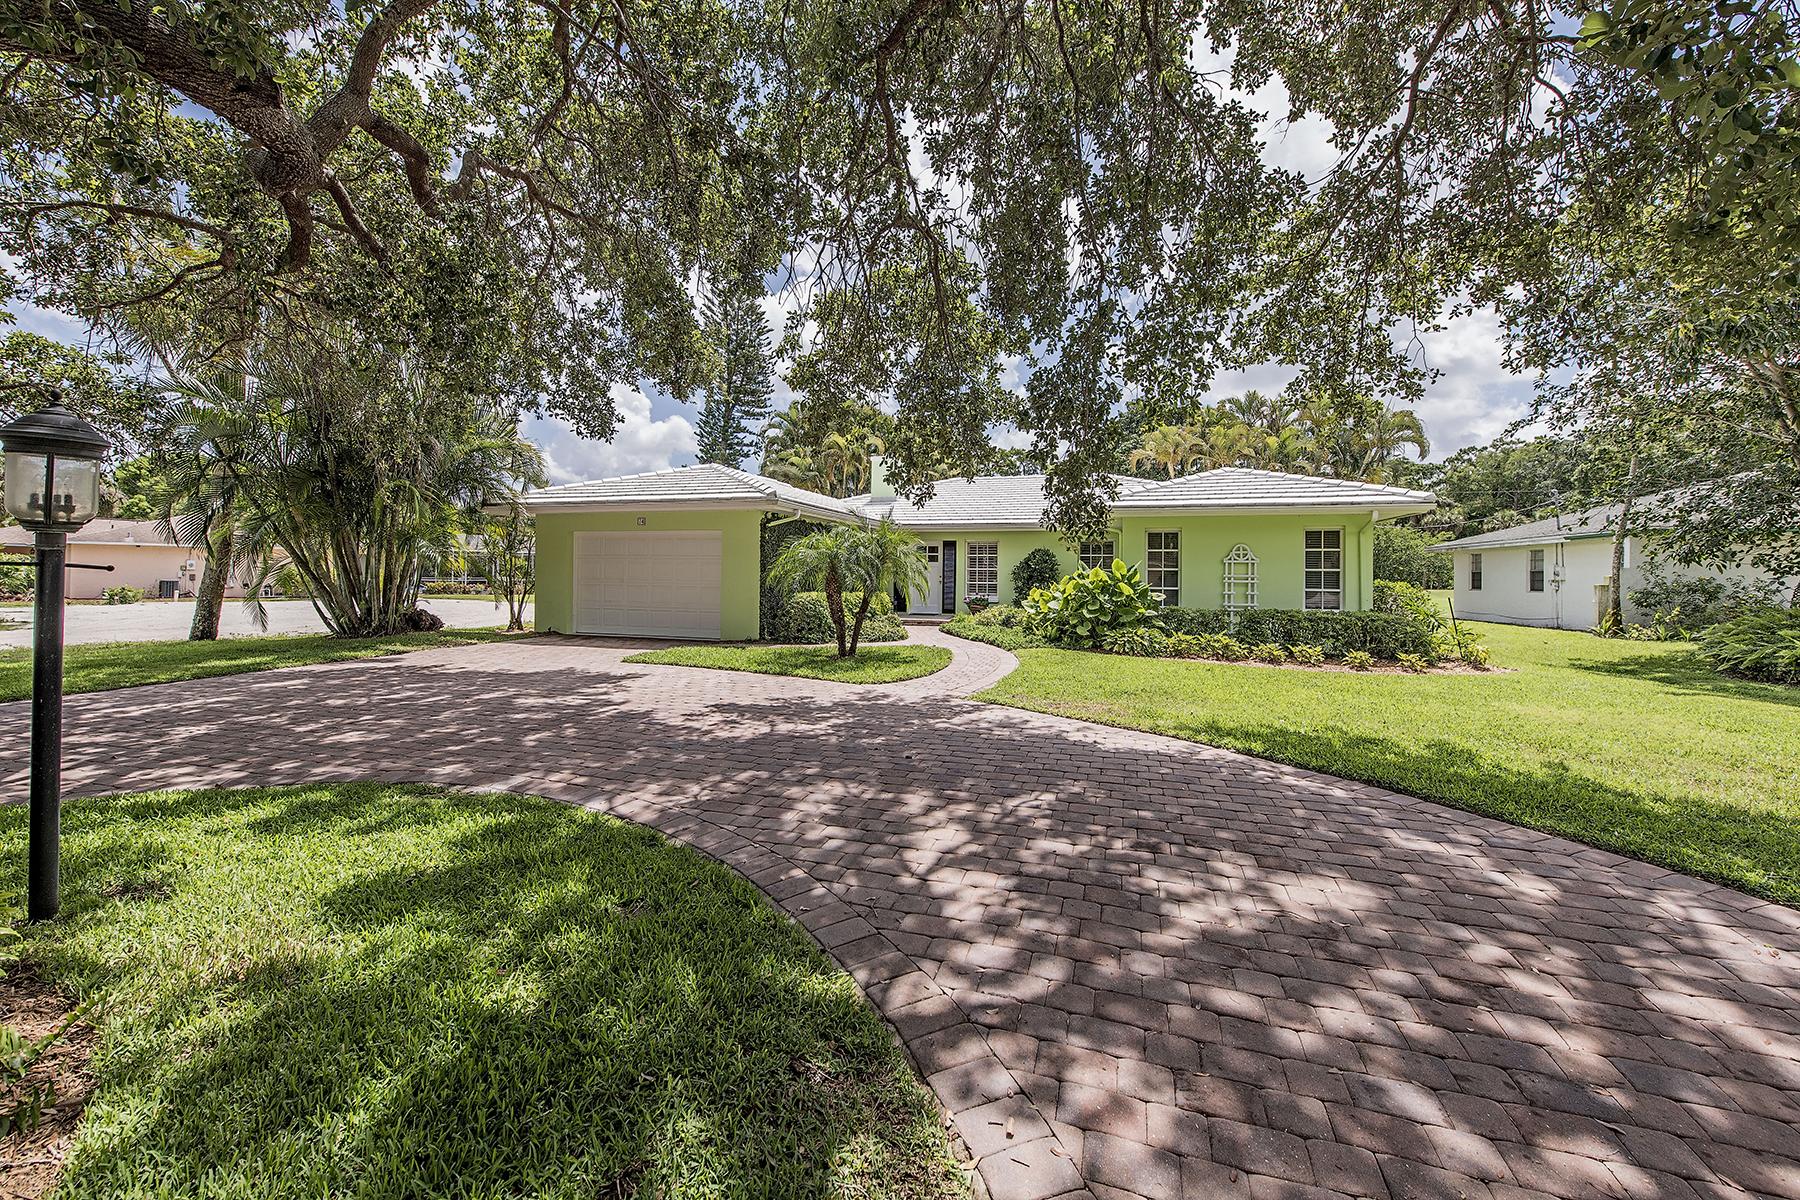 Maison unifamiliale pour l Vente à BIG CYPRESS GOLF & CC 74 Burning Tree Dr Naples, Florida 34105 États-Unis